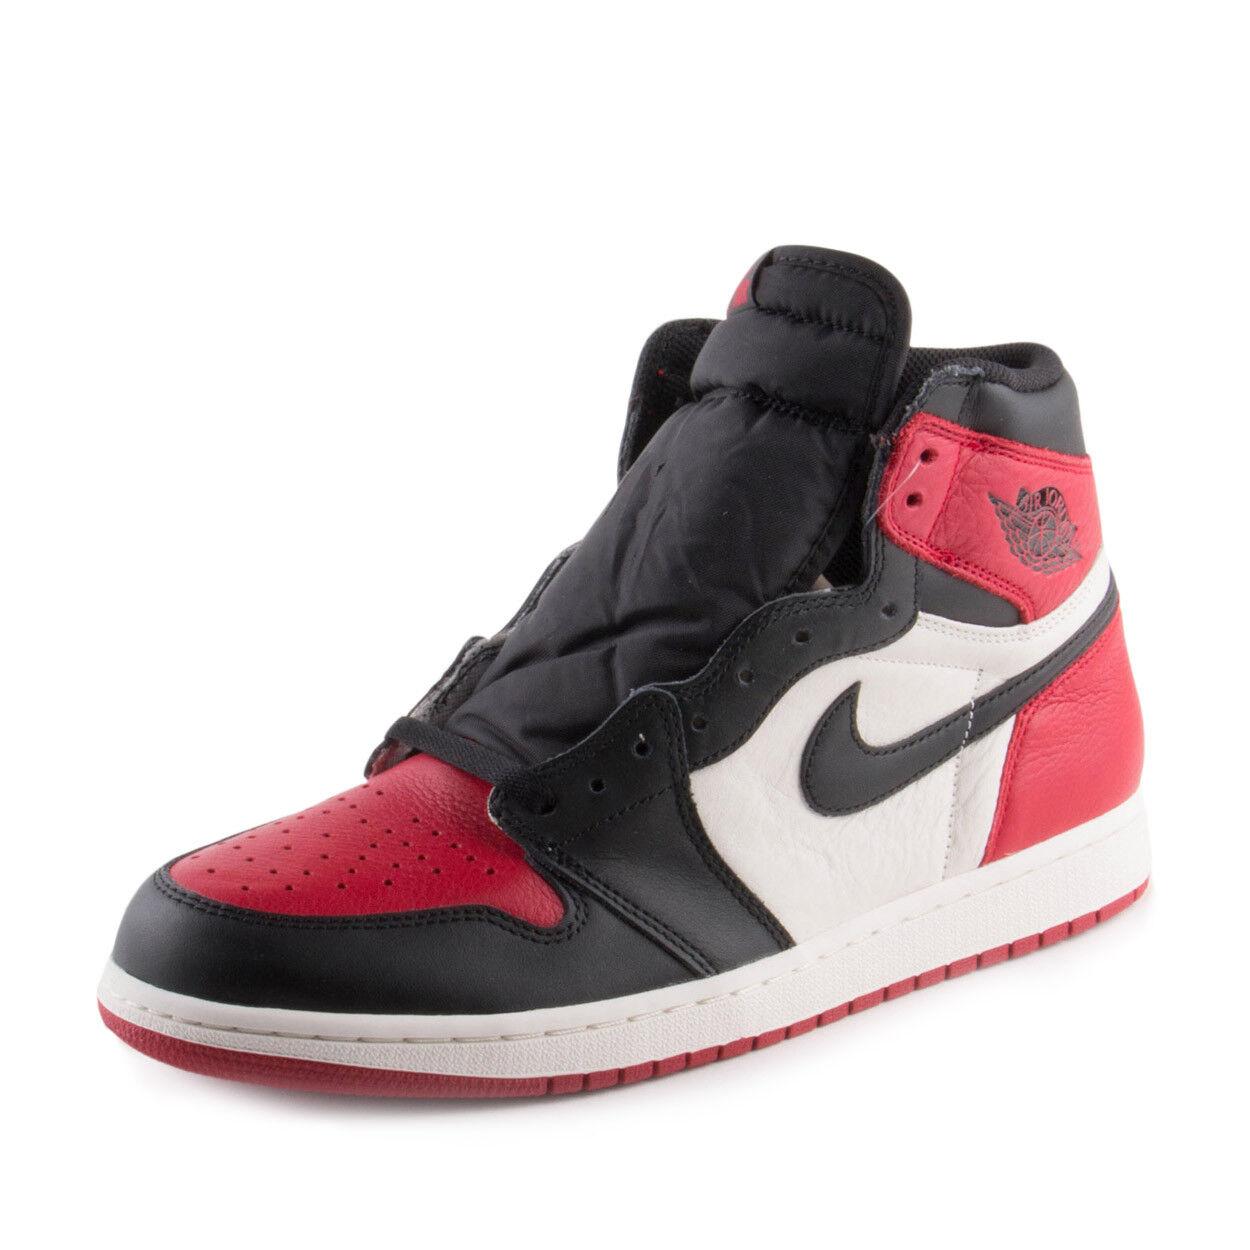 Nike Para Hombre Jordan 1 Bred Retro Alta Original Air Bred 1 Toe Rojo/NegroBlanco 555088610 2bb805